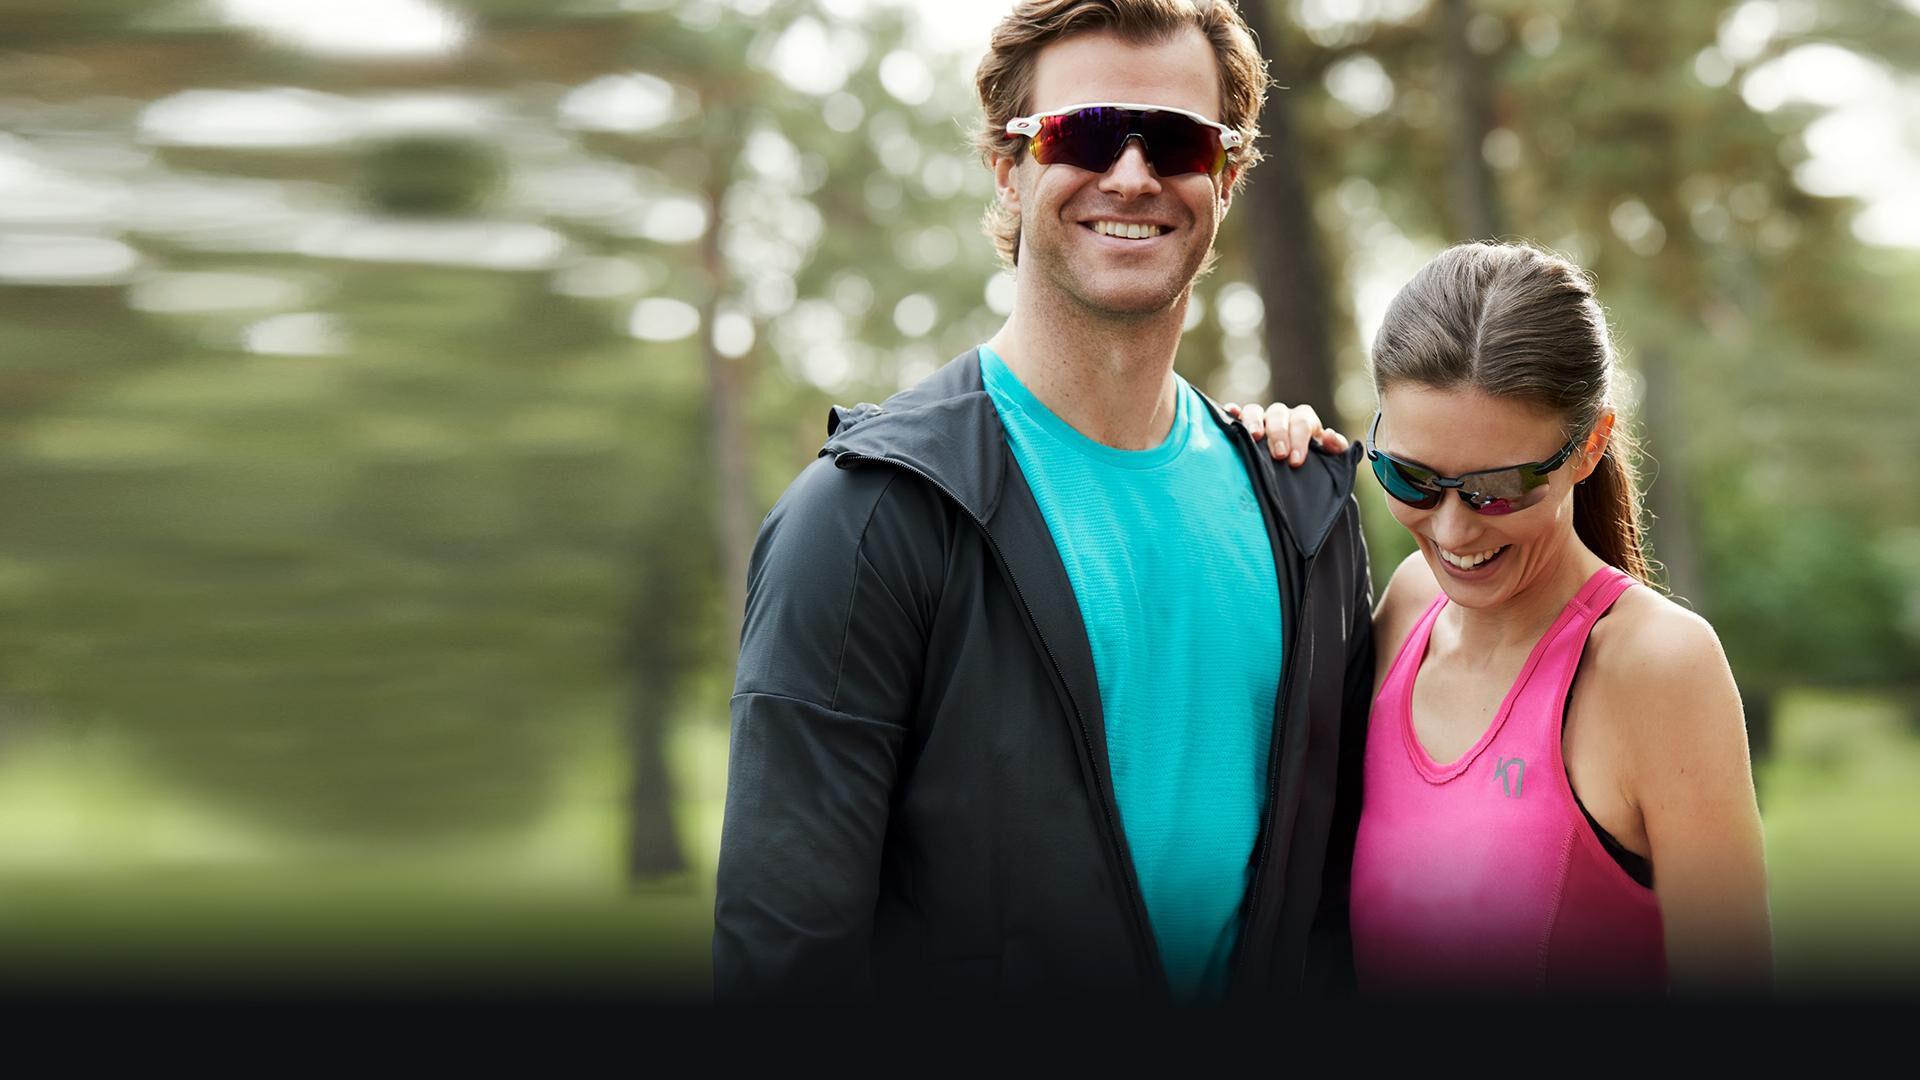 Urheiluun kannattaa valita aurinkolasit, jotka auttavat suorituksissa. Lue lisää